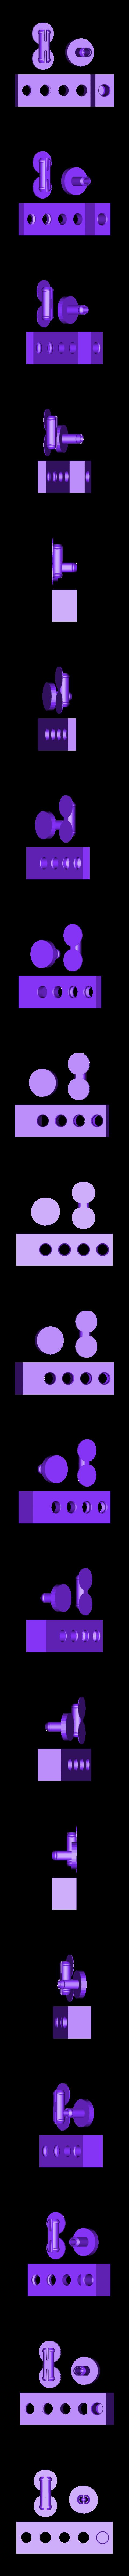 pla_pins_test.stl Télécharger fichier STL gratuit Connecteurs à broches PLA v2 • Design à imprimer en 3D, Gaenarra